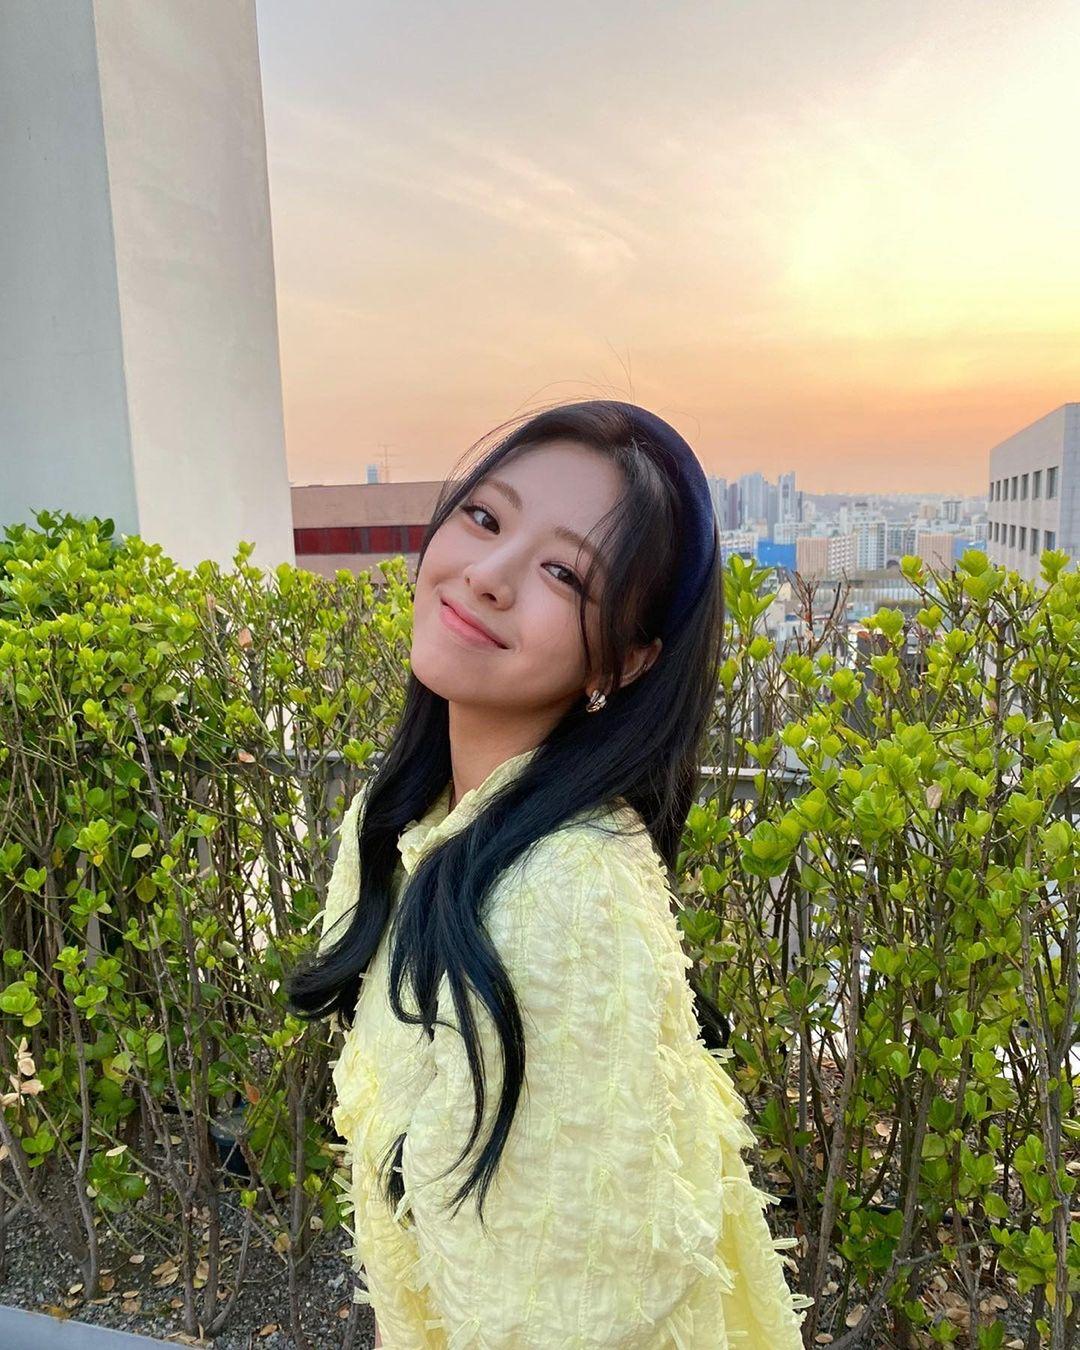 ITZY member Yuna